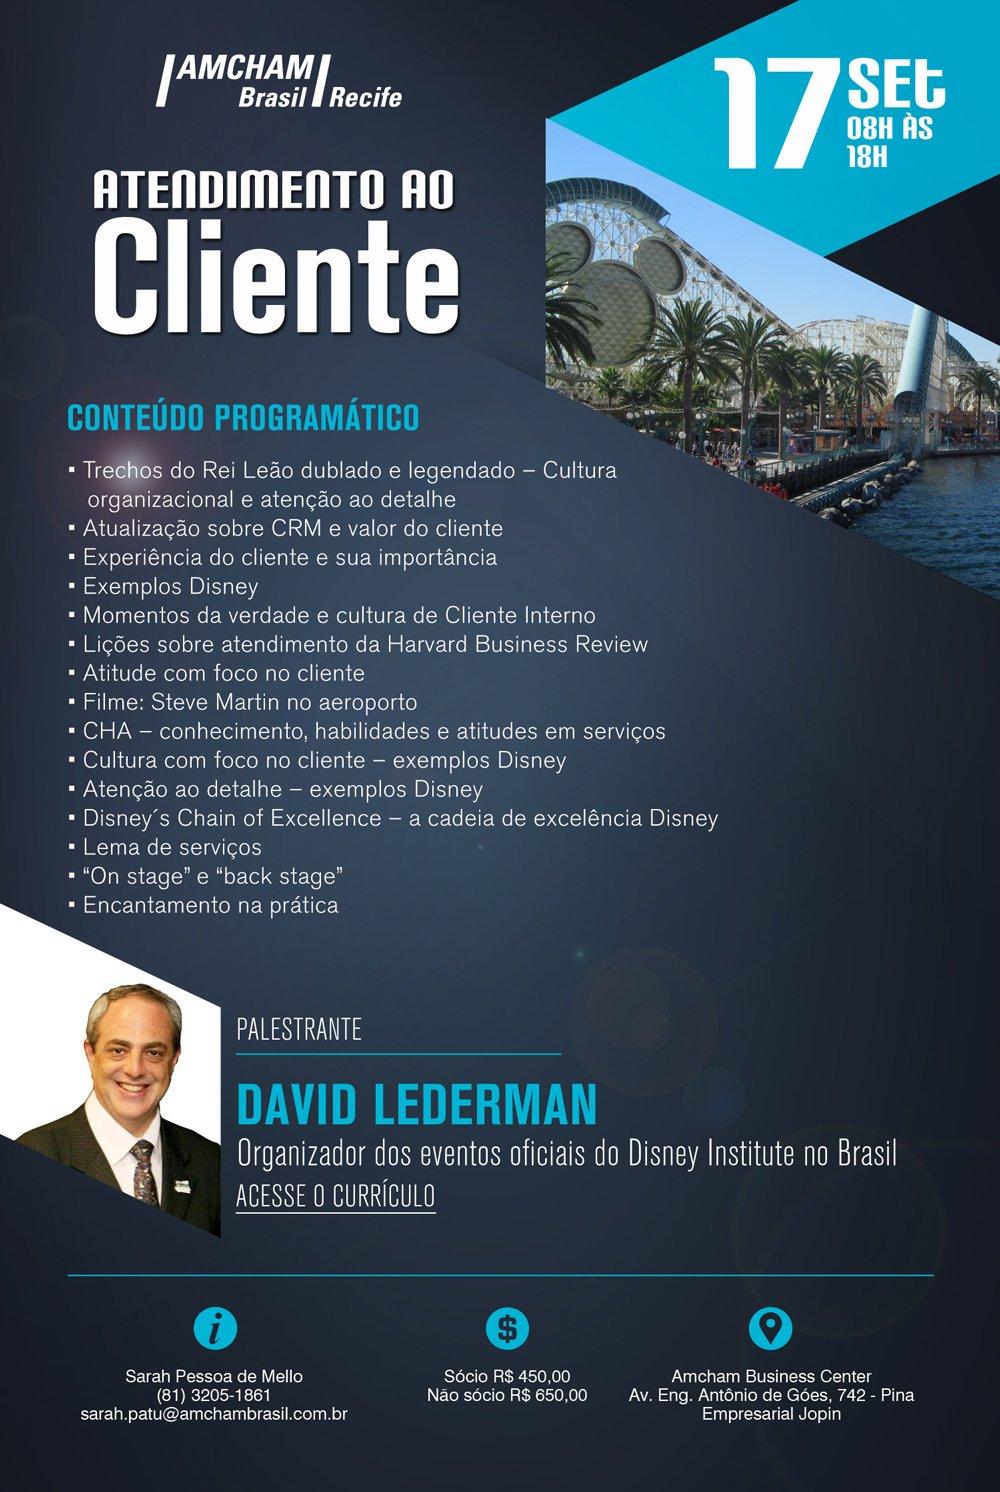 David Lederman Realizará Evento De Atendimento Ao Cliente Em